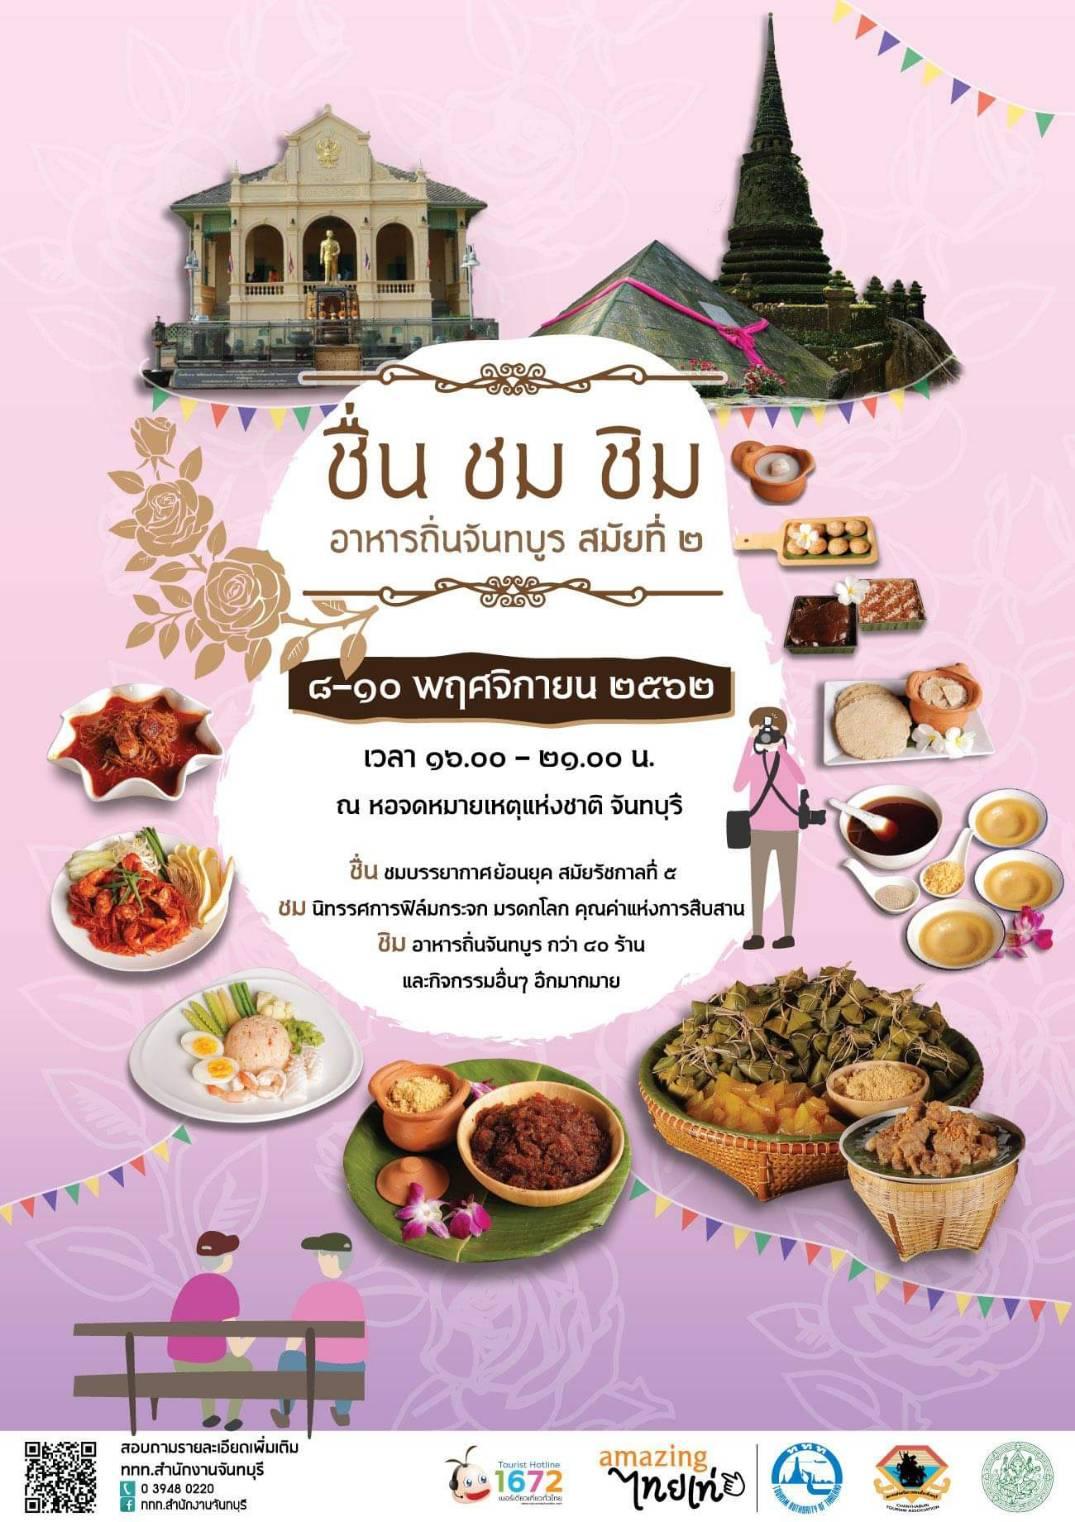 งานชื่น ชม ชิม อาหารถิ่นจันทบูร สมัยที่ 2